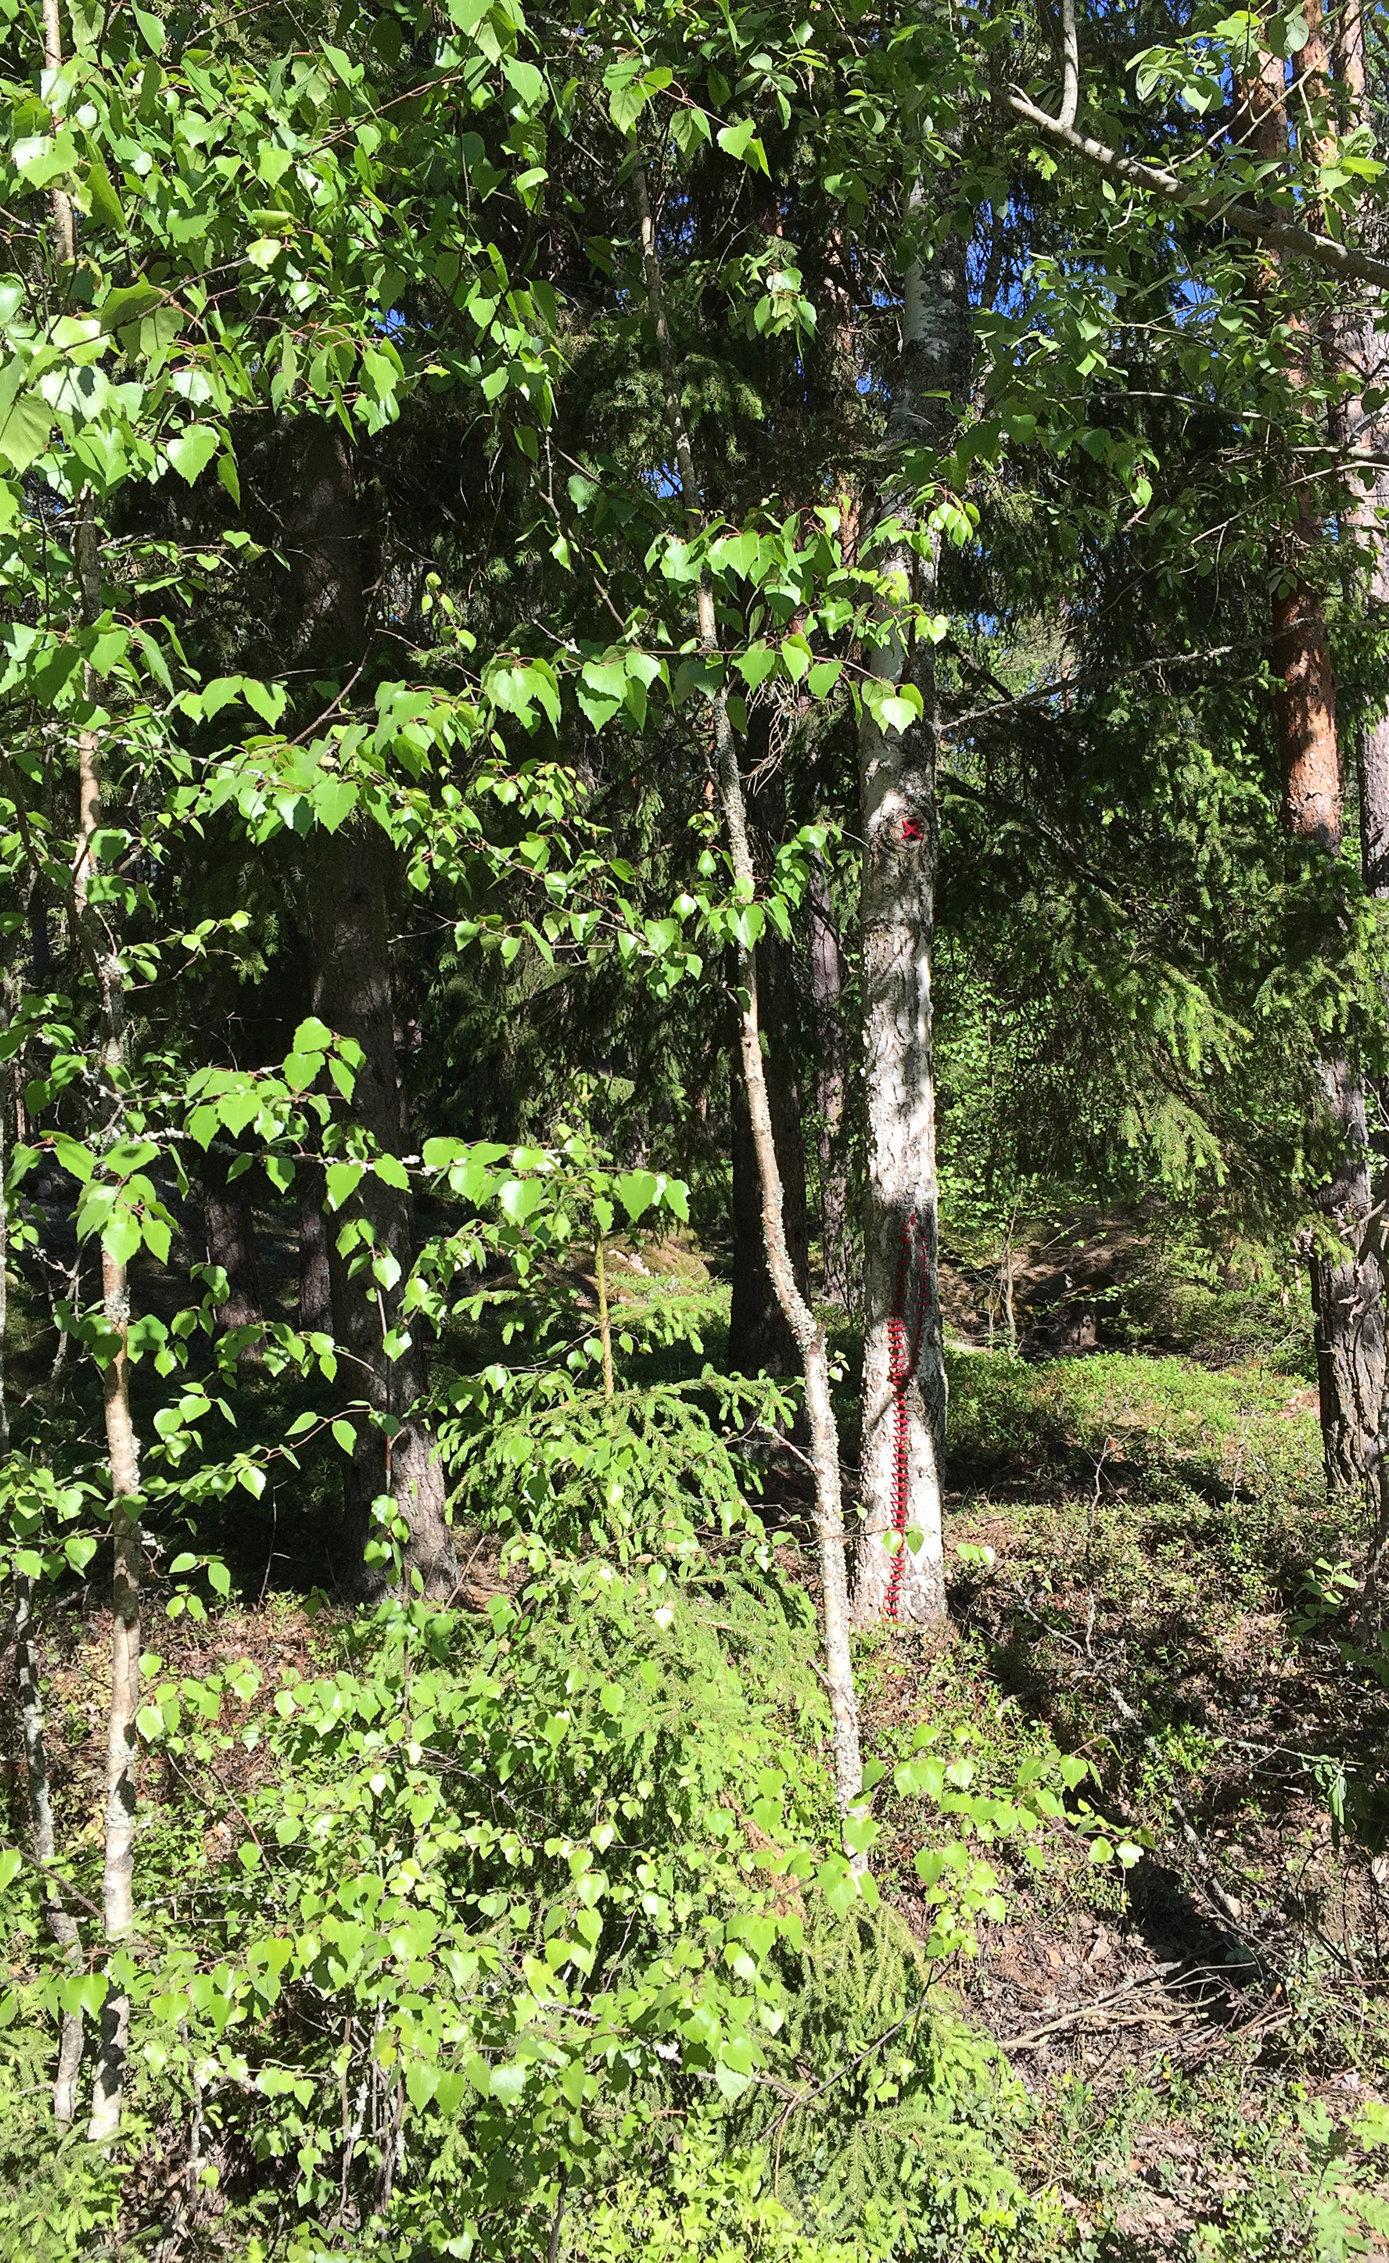 Mended birch